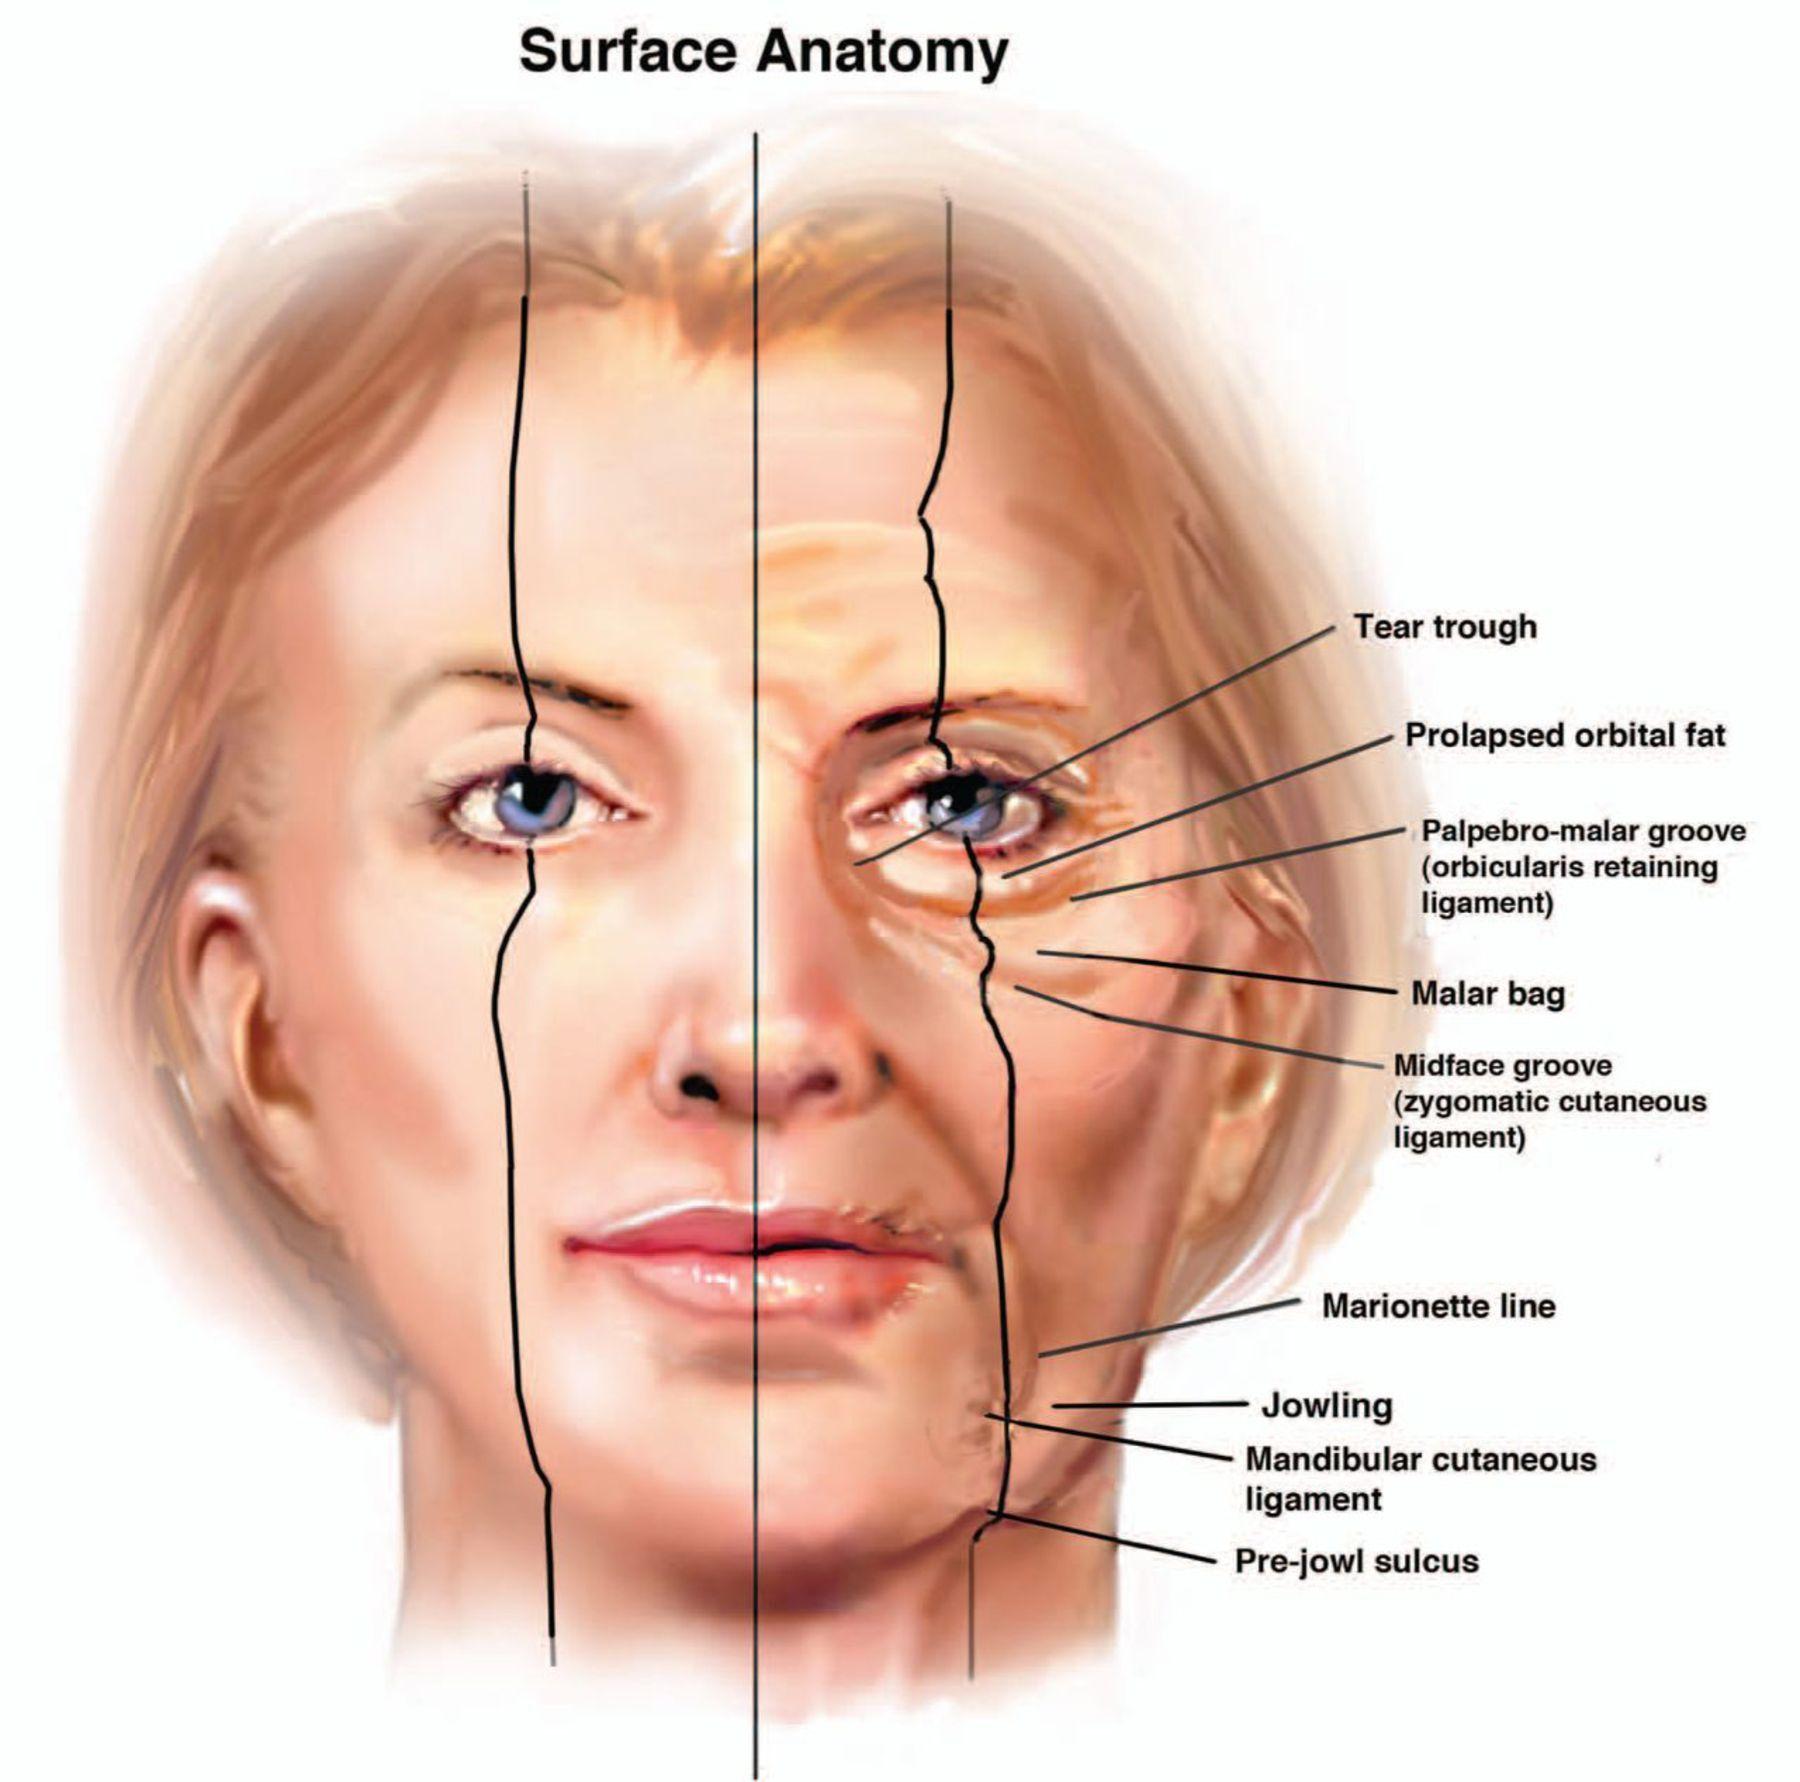 lidcheek groove - Google Search | face anatomy | Pinterest | Facial